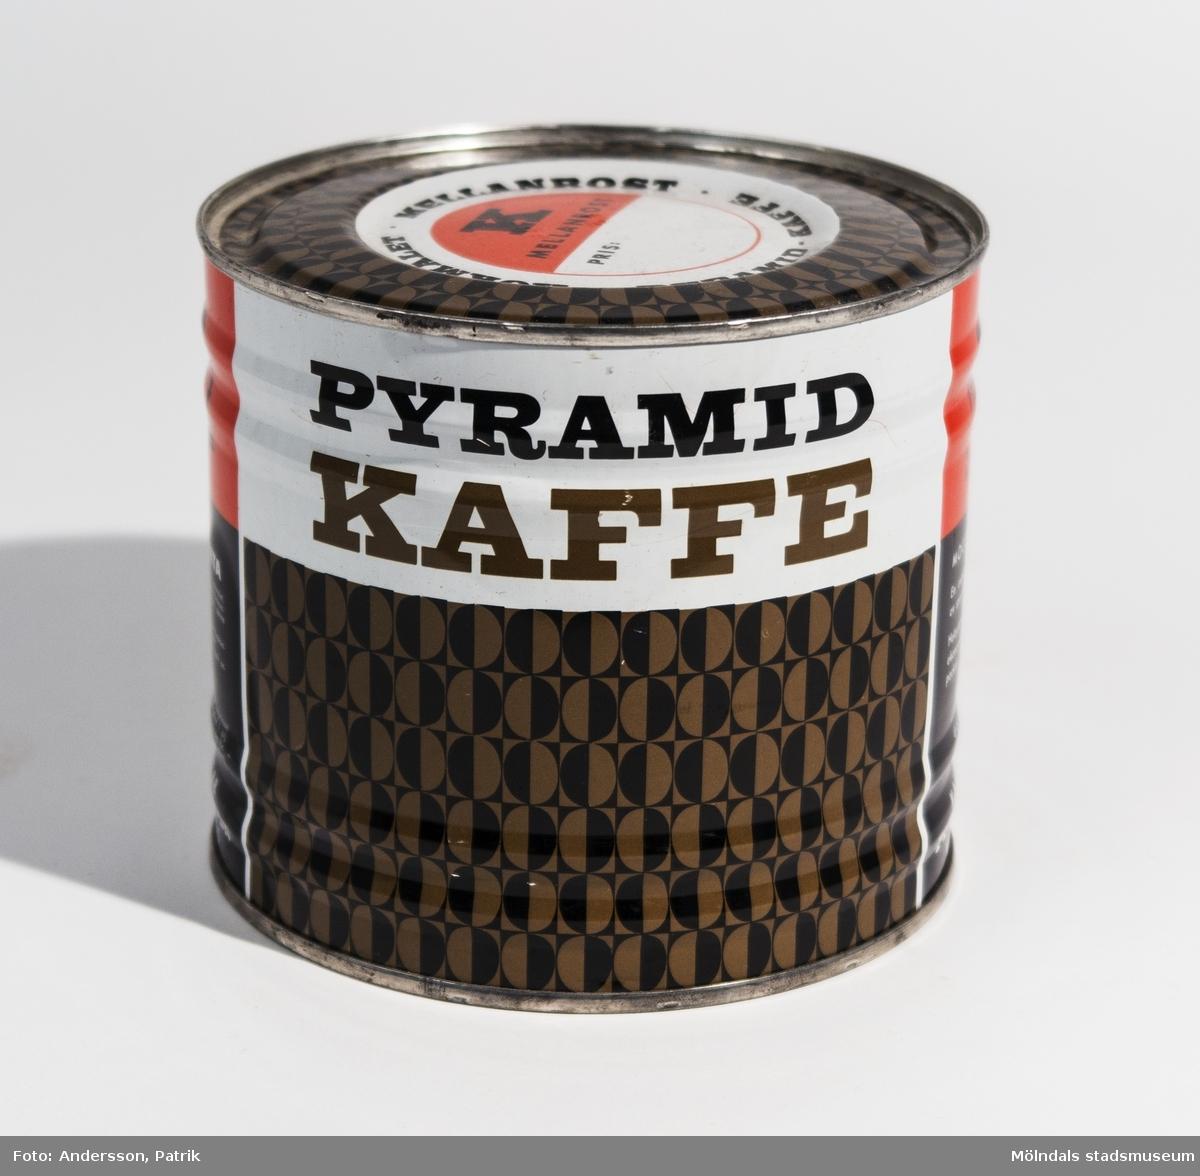 """Kokmalet - Mellanrost - Pyramid - Kaffe En oöppnad kaffeburk i plåt från 1950-talet.  På burken finns texterna:  """"Moccablandning En expertprovad lyxblandning av speciellt utvalda kaffesorter. Helautomatiskt aromrostat, ekonomimalet och högvaciumpackat.  Öppna burken - känn doften... drick och n-j-u-t ett verkligt gott kaffe.  Pyramid kaffe Piggar upp, smakar gott - ett kaffe som k-ä-n-n-s""""  Kaffeburken är flerfärgad, i färgerna svart, vit, brun och orange."""